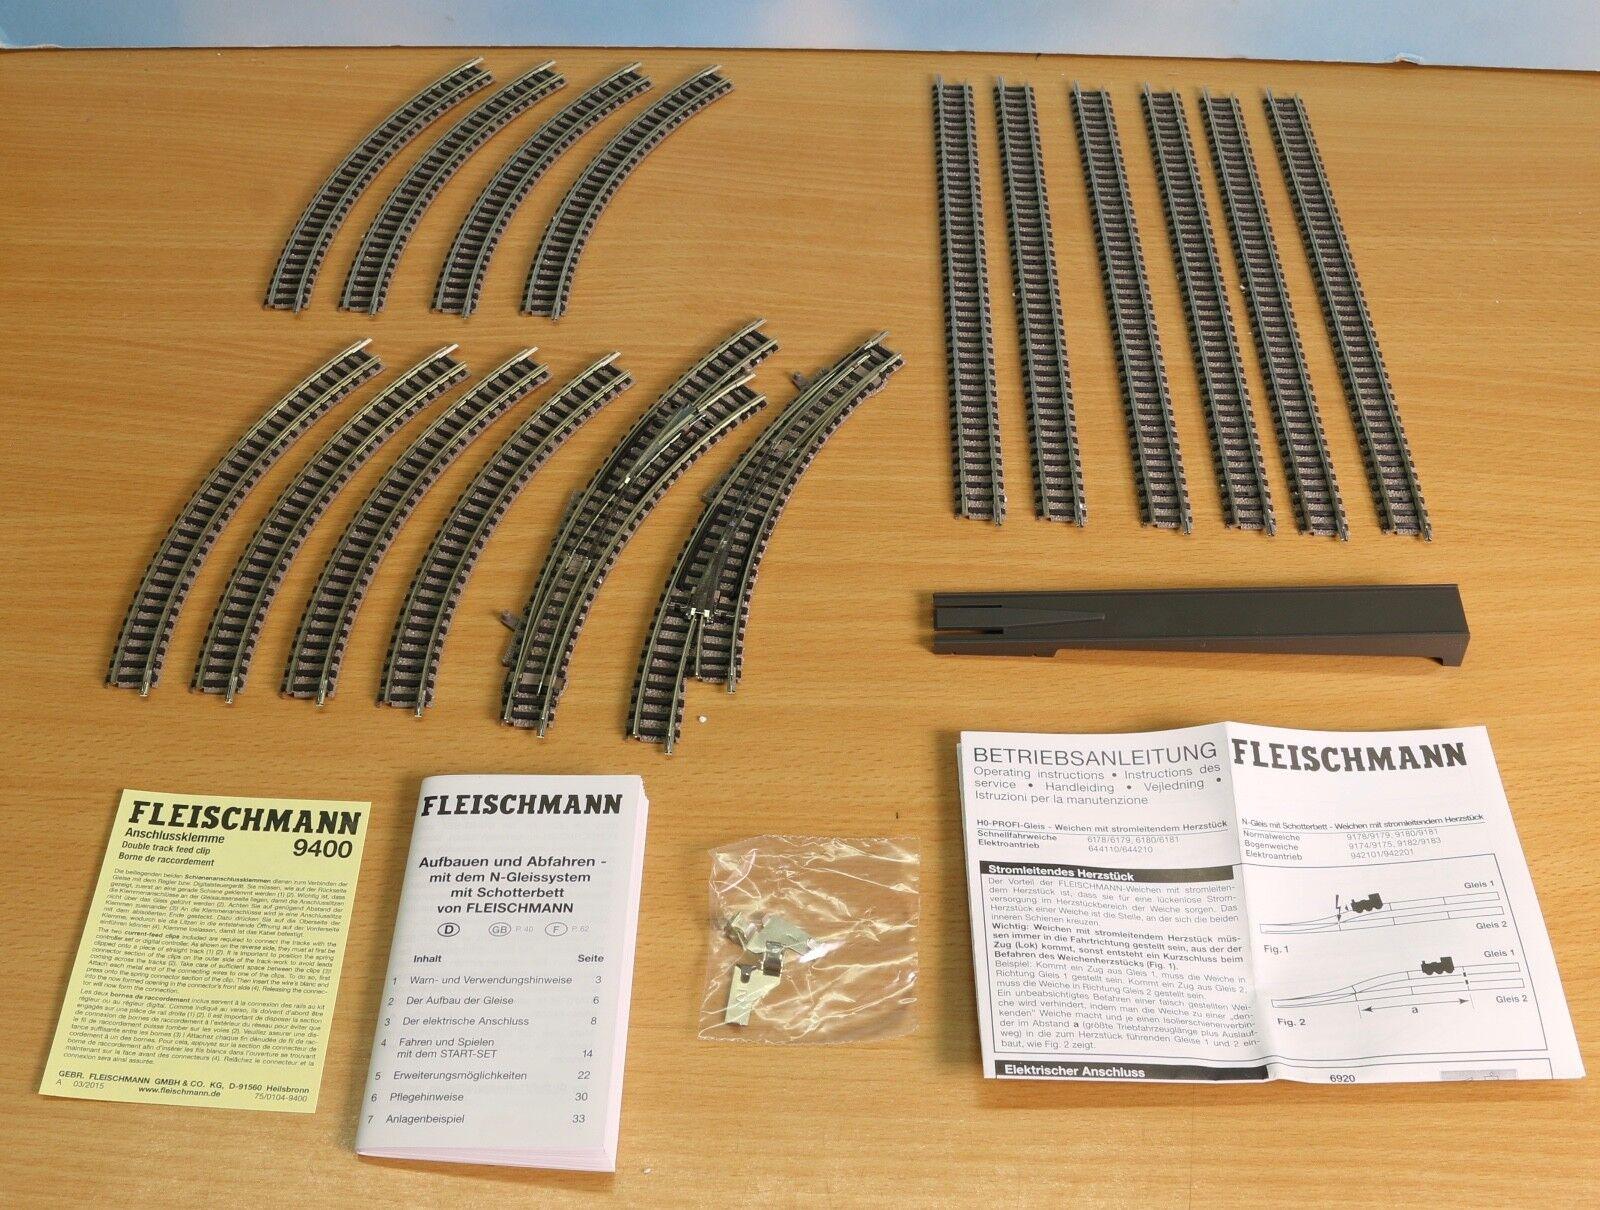 Fleischmann 931882.10, -Spur N, Glisset AB Oval 2 Weichen 65533;65533;,